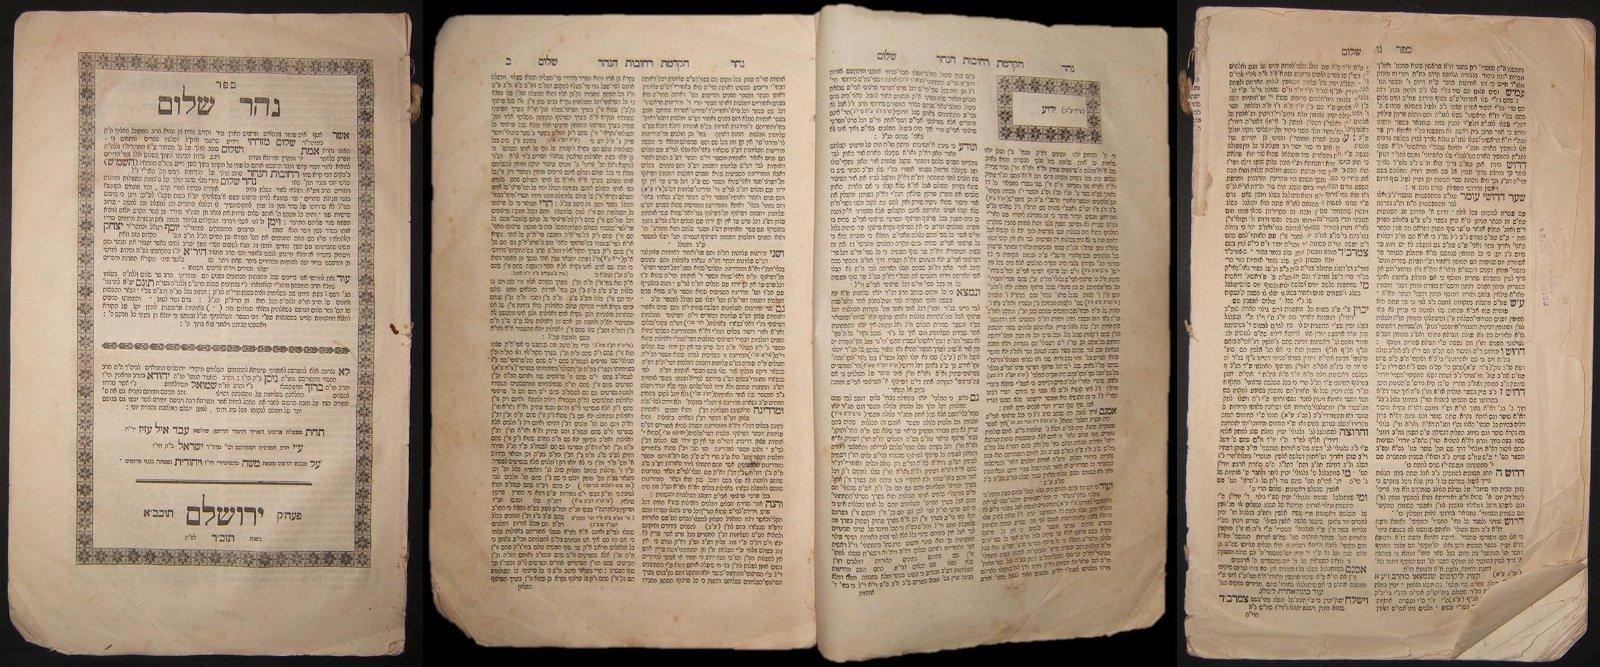 Responsa Sefer Nahar Shalom by Rabbi Sar Shalom Sharabi;